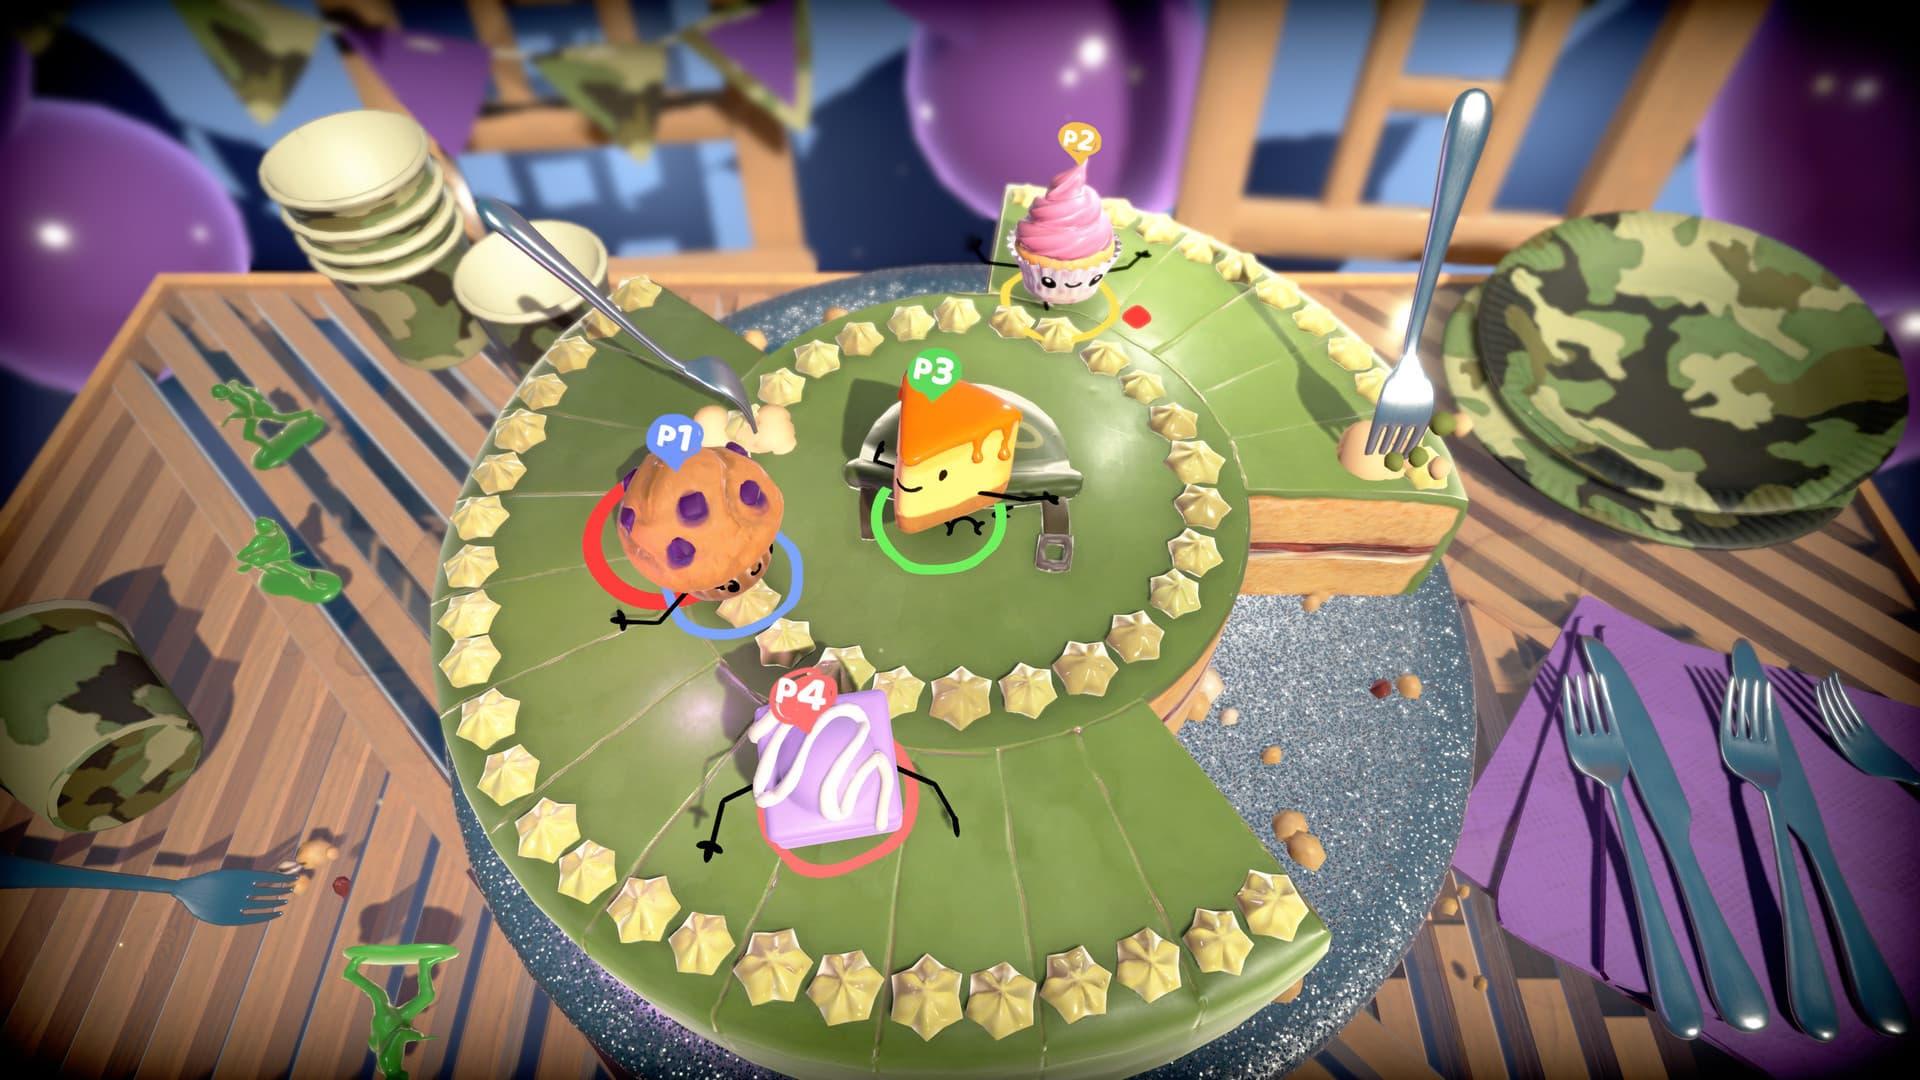 Xbox One Cake Bash